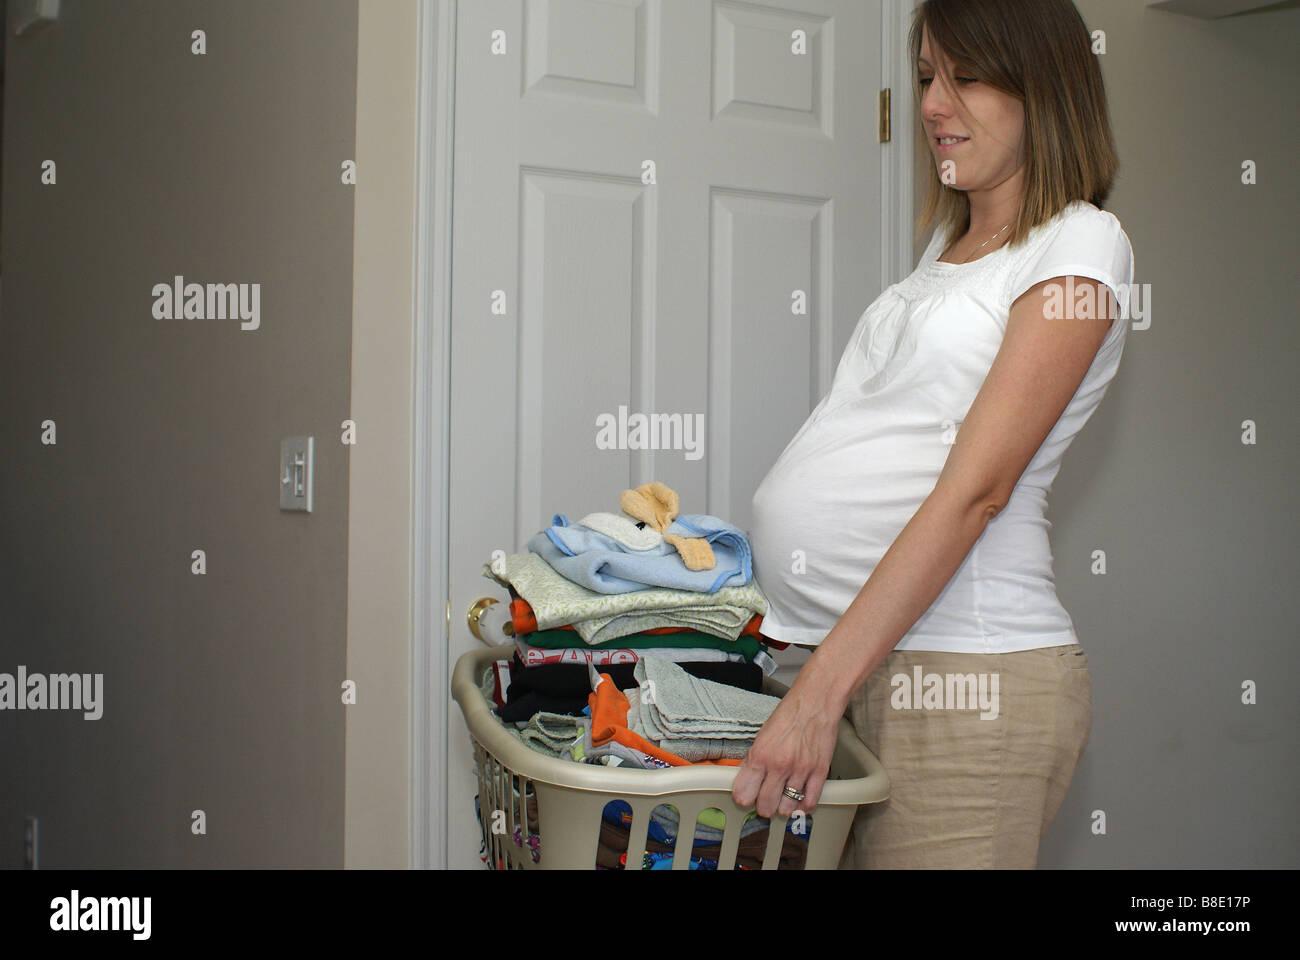 Heavy Laundry Basket - Stock Image